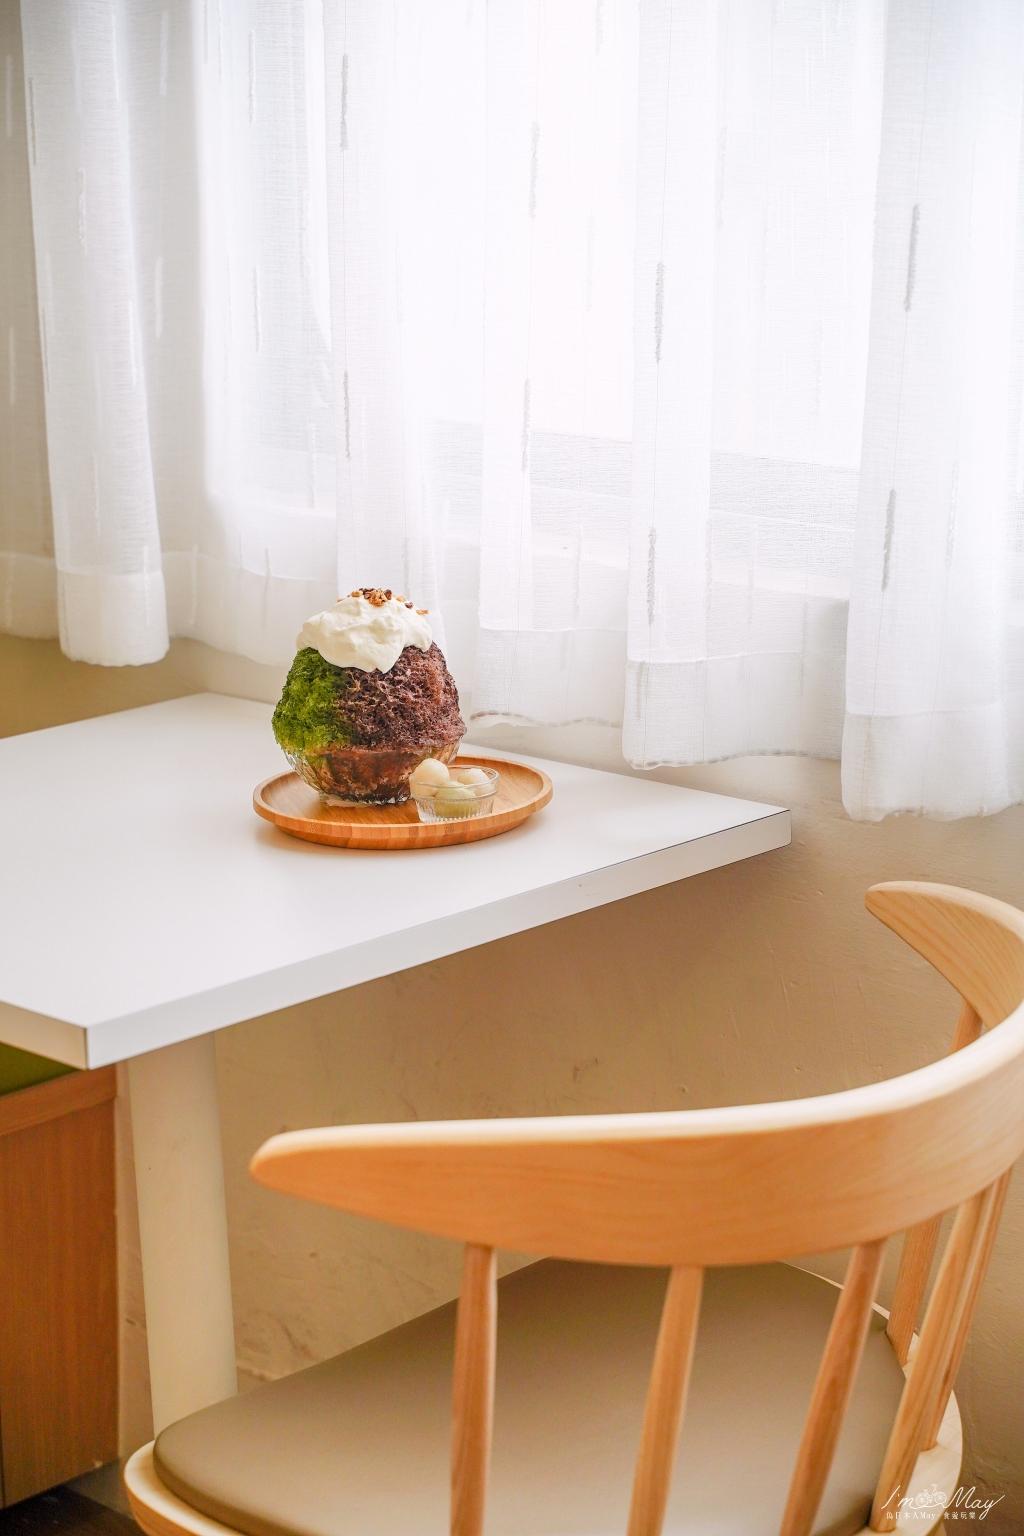 高雄、甜點 | 漫溢著日系文青風氛圍、細緻口感千層蛋糕與療癒系創意冰品的相遇「先生sensei 手作千層Ft.冰屋博愛店」| 先生sensei博愛店、高雄捷運後驛站、高雄美食 @偽日本人May.食遊玩樂